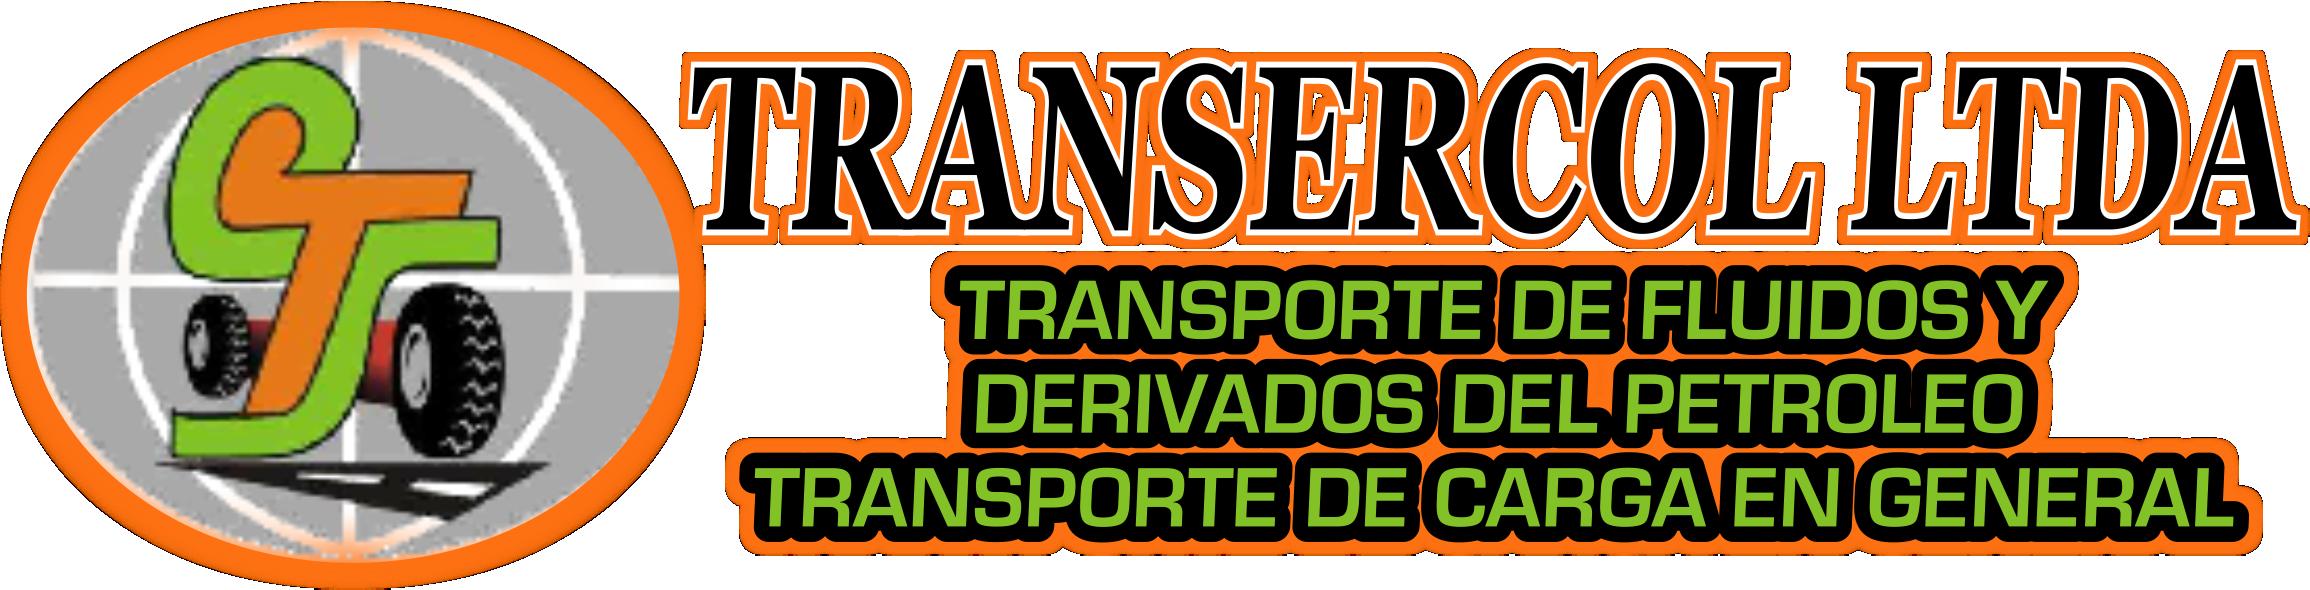 Transercol – Pagina oficial